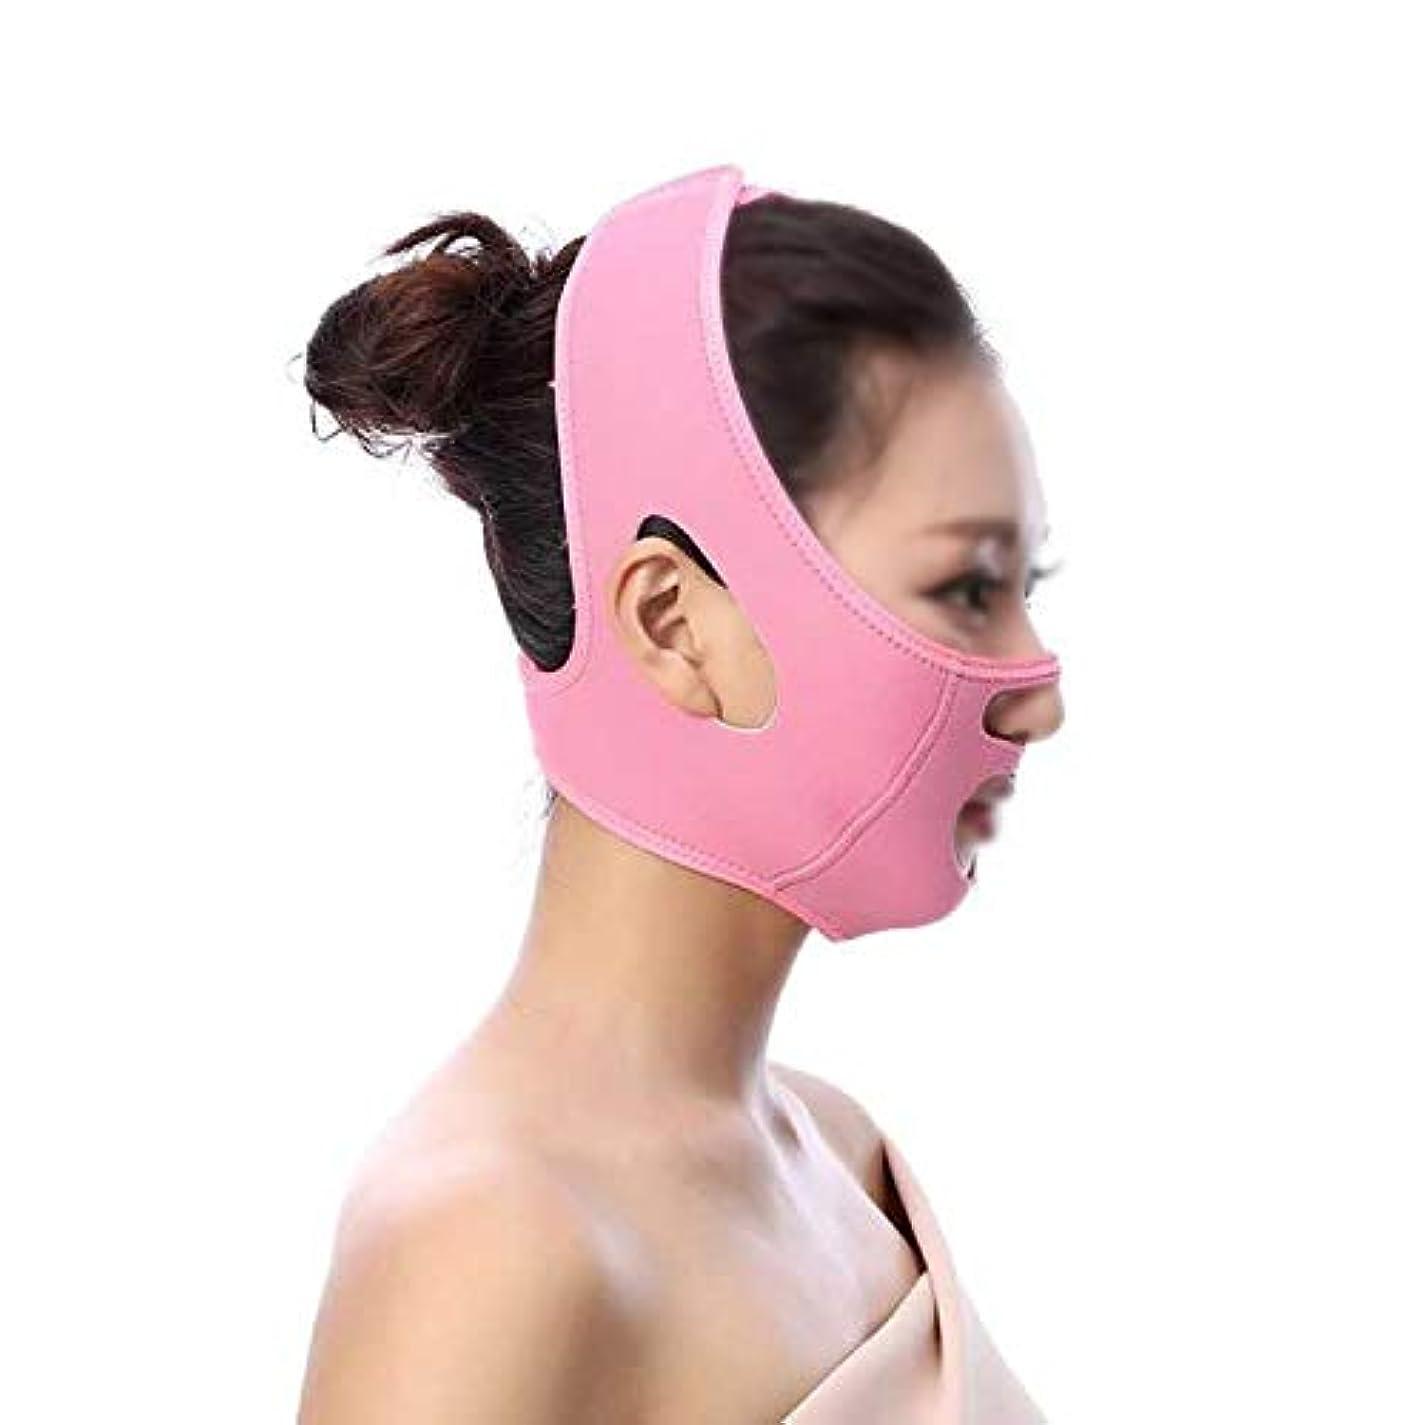 討論おもしろい俳句GLJJQMY 減量ベルトマスクvフェイスアーティファクトダブルチンリフトマスク睡眠薄いVフェイス包帯フェイスステッカー 顔用整形マスク